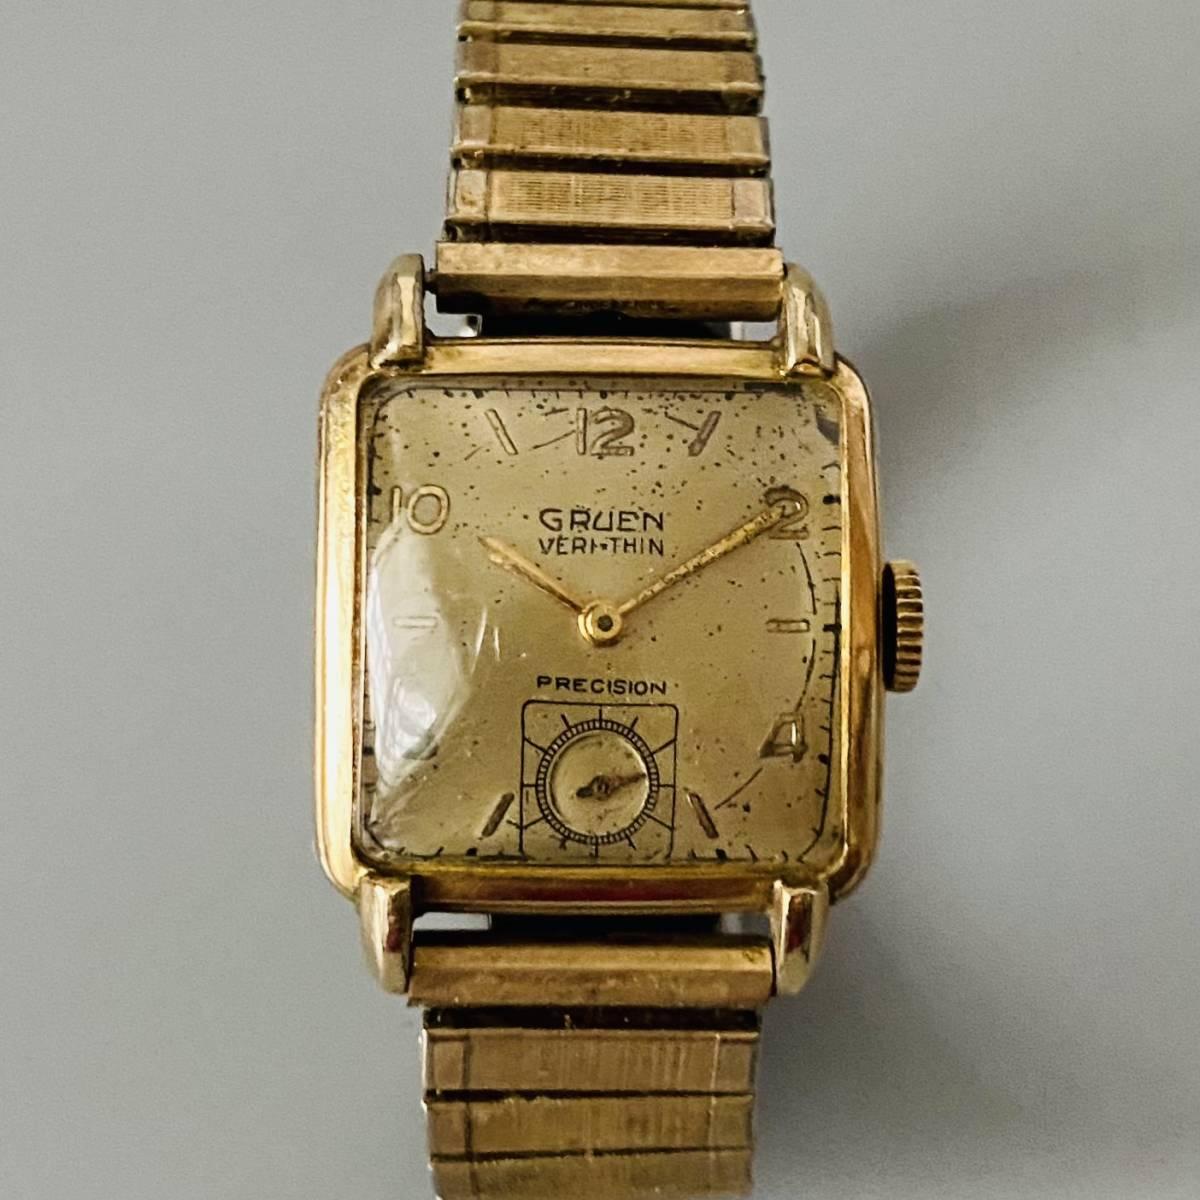 【アンティーク グリュエン】Gruen veri-thin 1940年代 スモセコ cal 425 17石 手巻き メンズ レディース ビンテージ 腕時計 スイス 訳あり_画像3